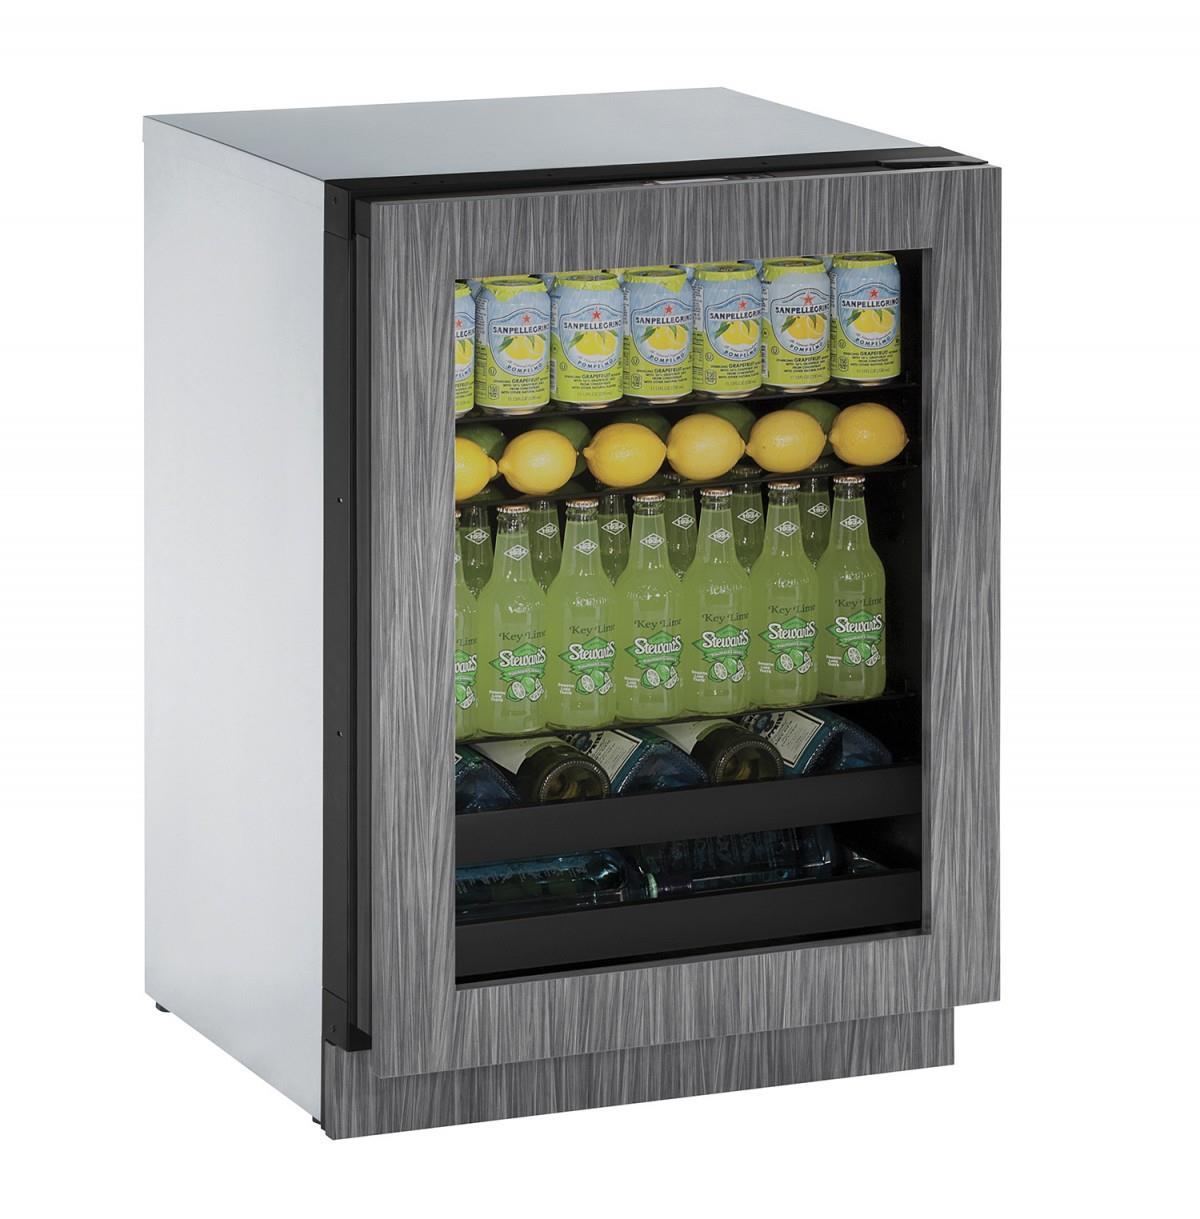 """U-Line Beverage Centers 4.9 cu. ft. Capacity 24"""" Beverage Center - Item Number: U-3024BEVINT-01A"""